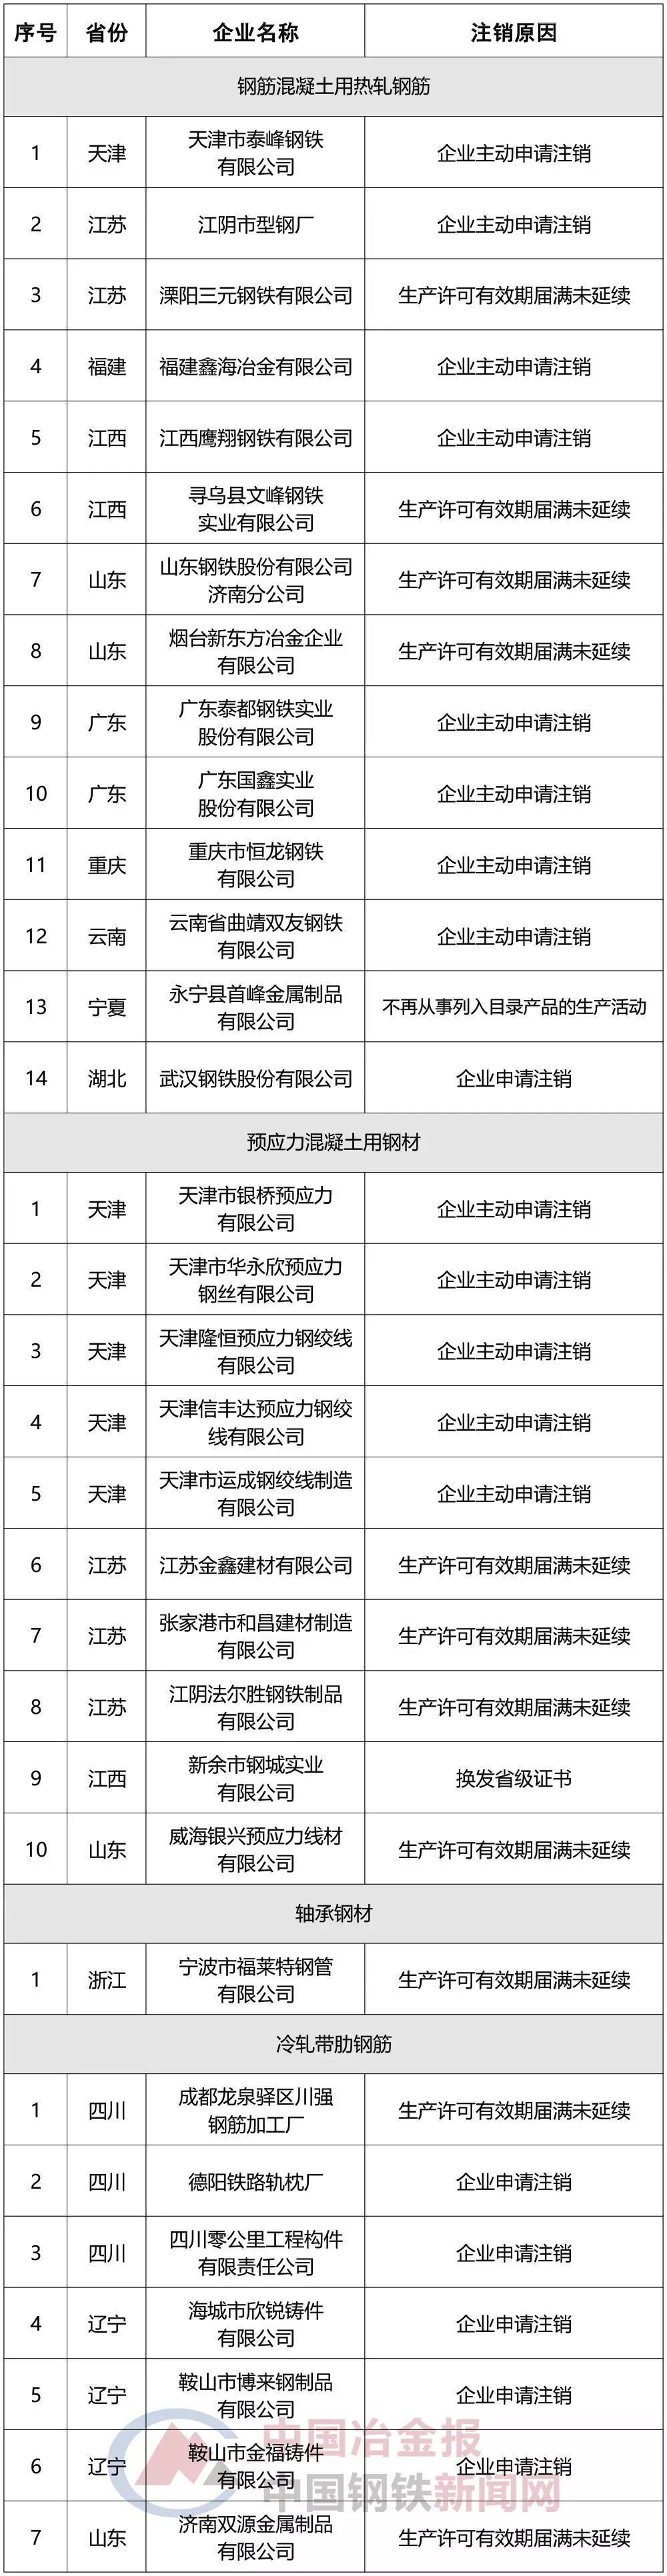 多家企业钢材生产许可证被注销